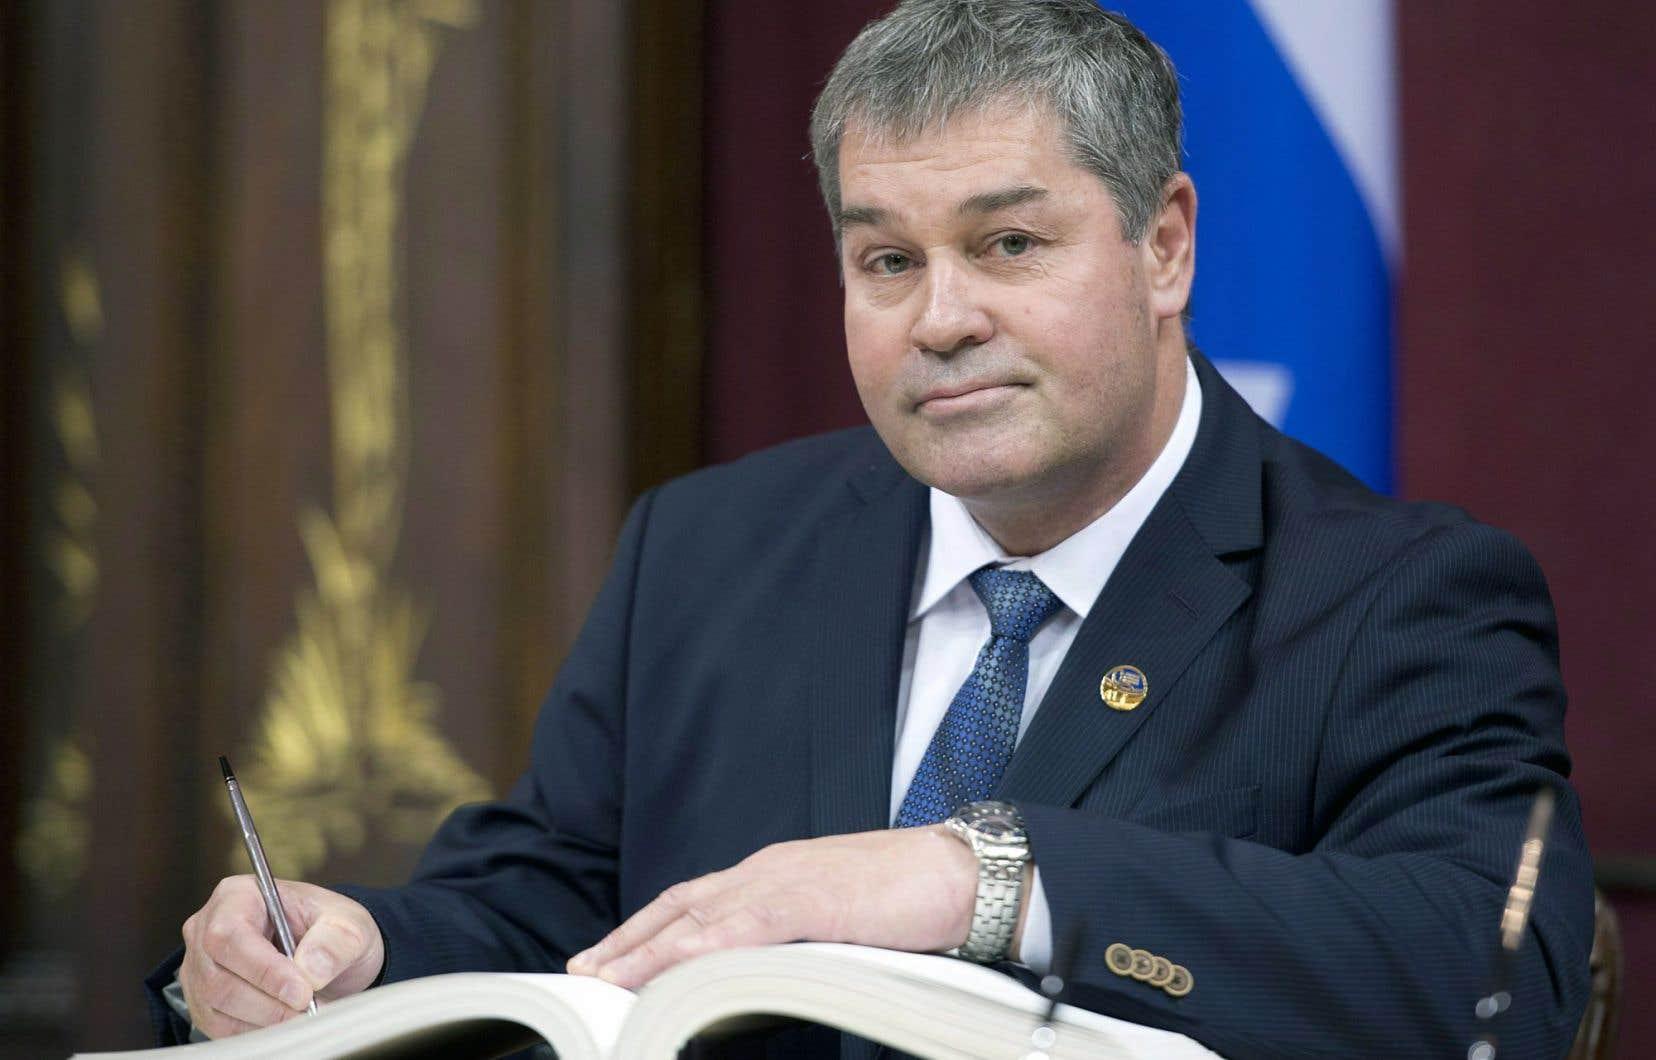 Devant la propostition, la CAQ a demandé à Philippe Couillard de retirer l'Éducation au ministre Yves Bolduc.